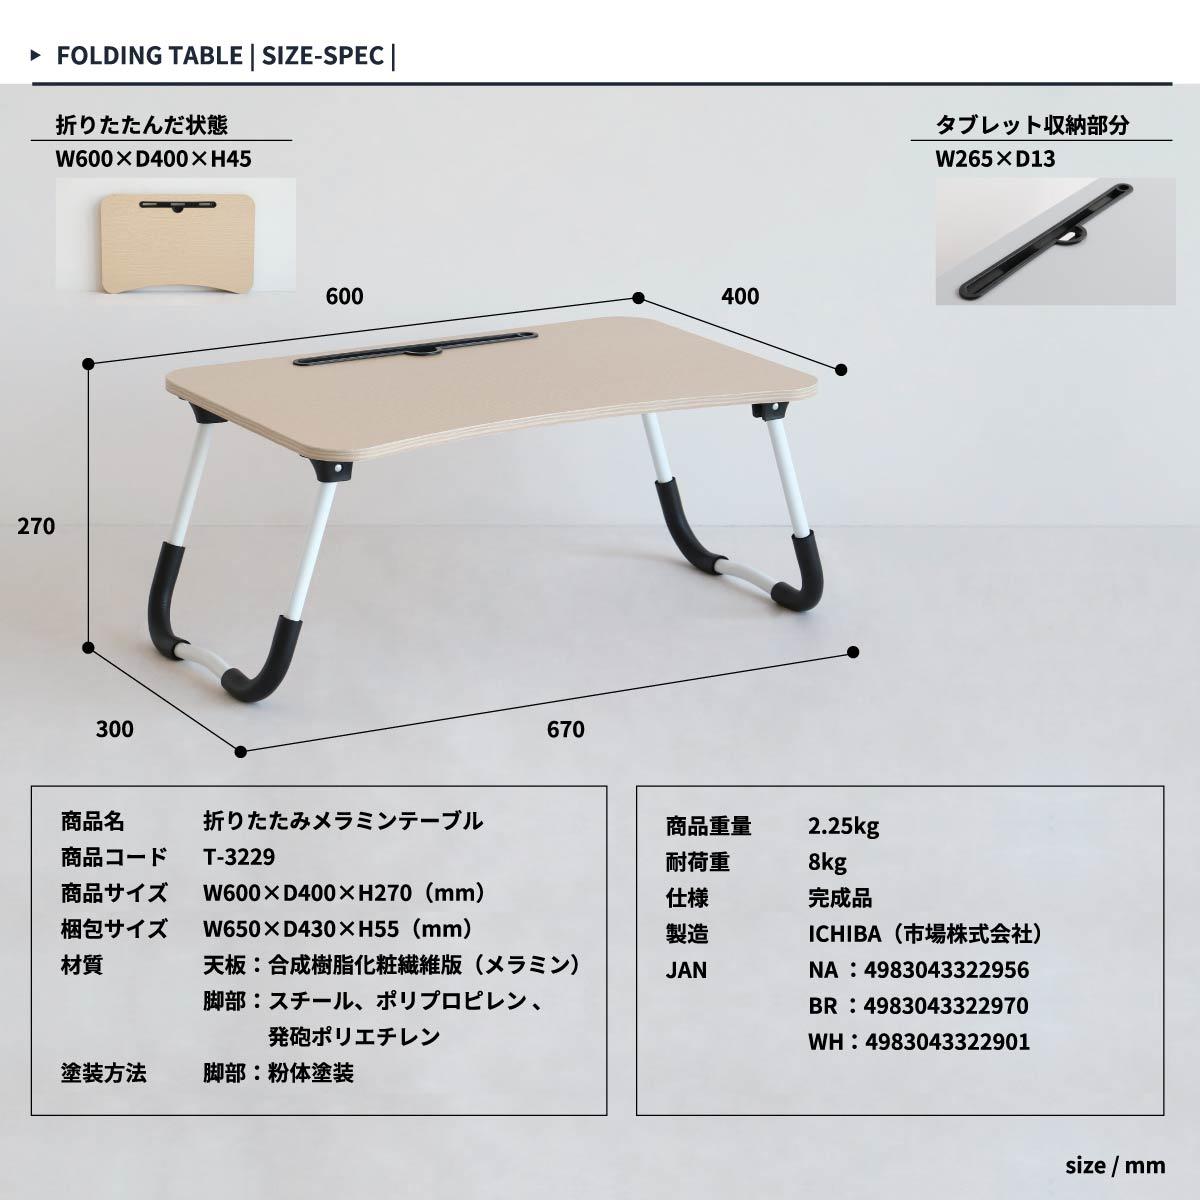 折りたたみ テーブル ローテーブル フォールディングテーブル 小型 持ち運び コンセント穴 ドリンクホルダー タブレットスタンド スマホスタンド 引き出し付き 子供用 子供部屋 簡易テーブル 作業台